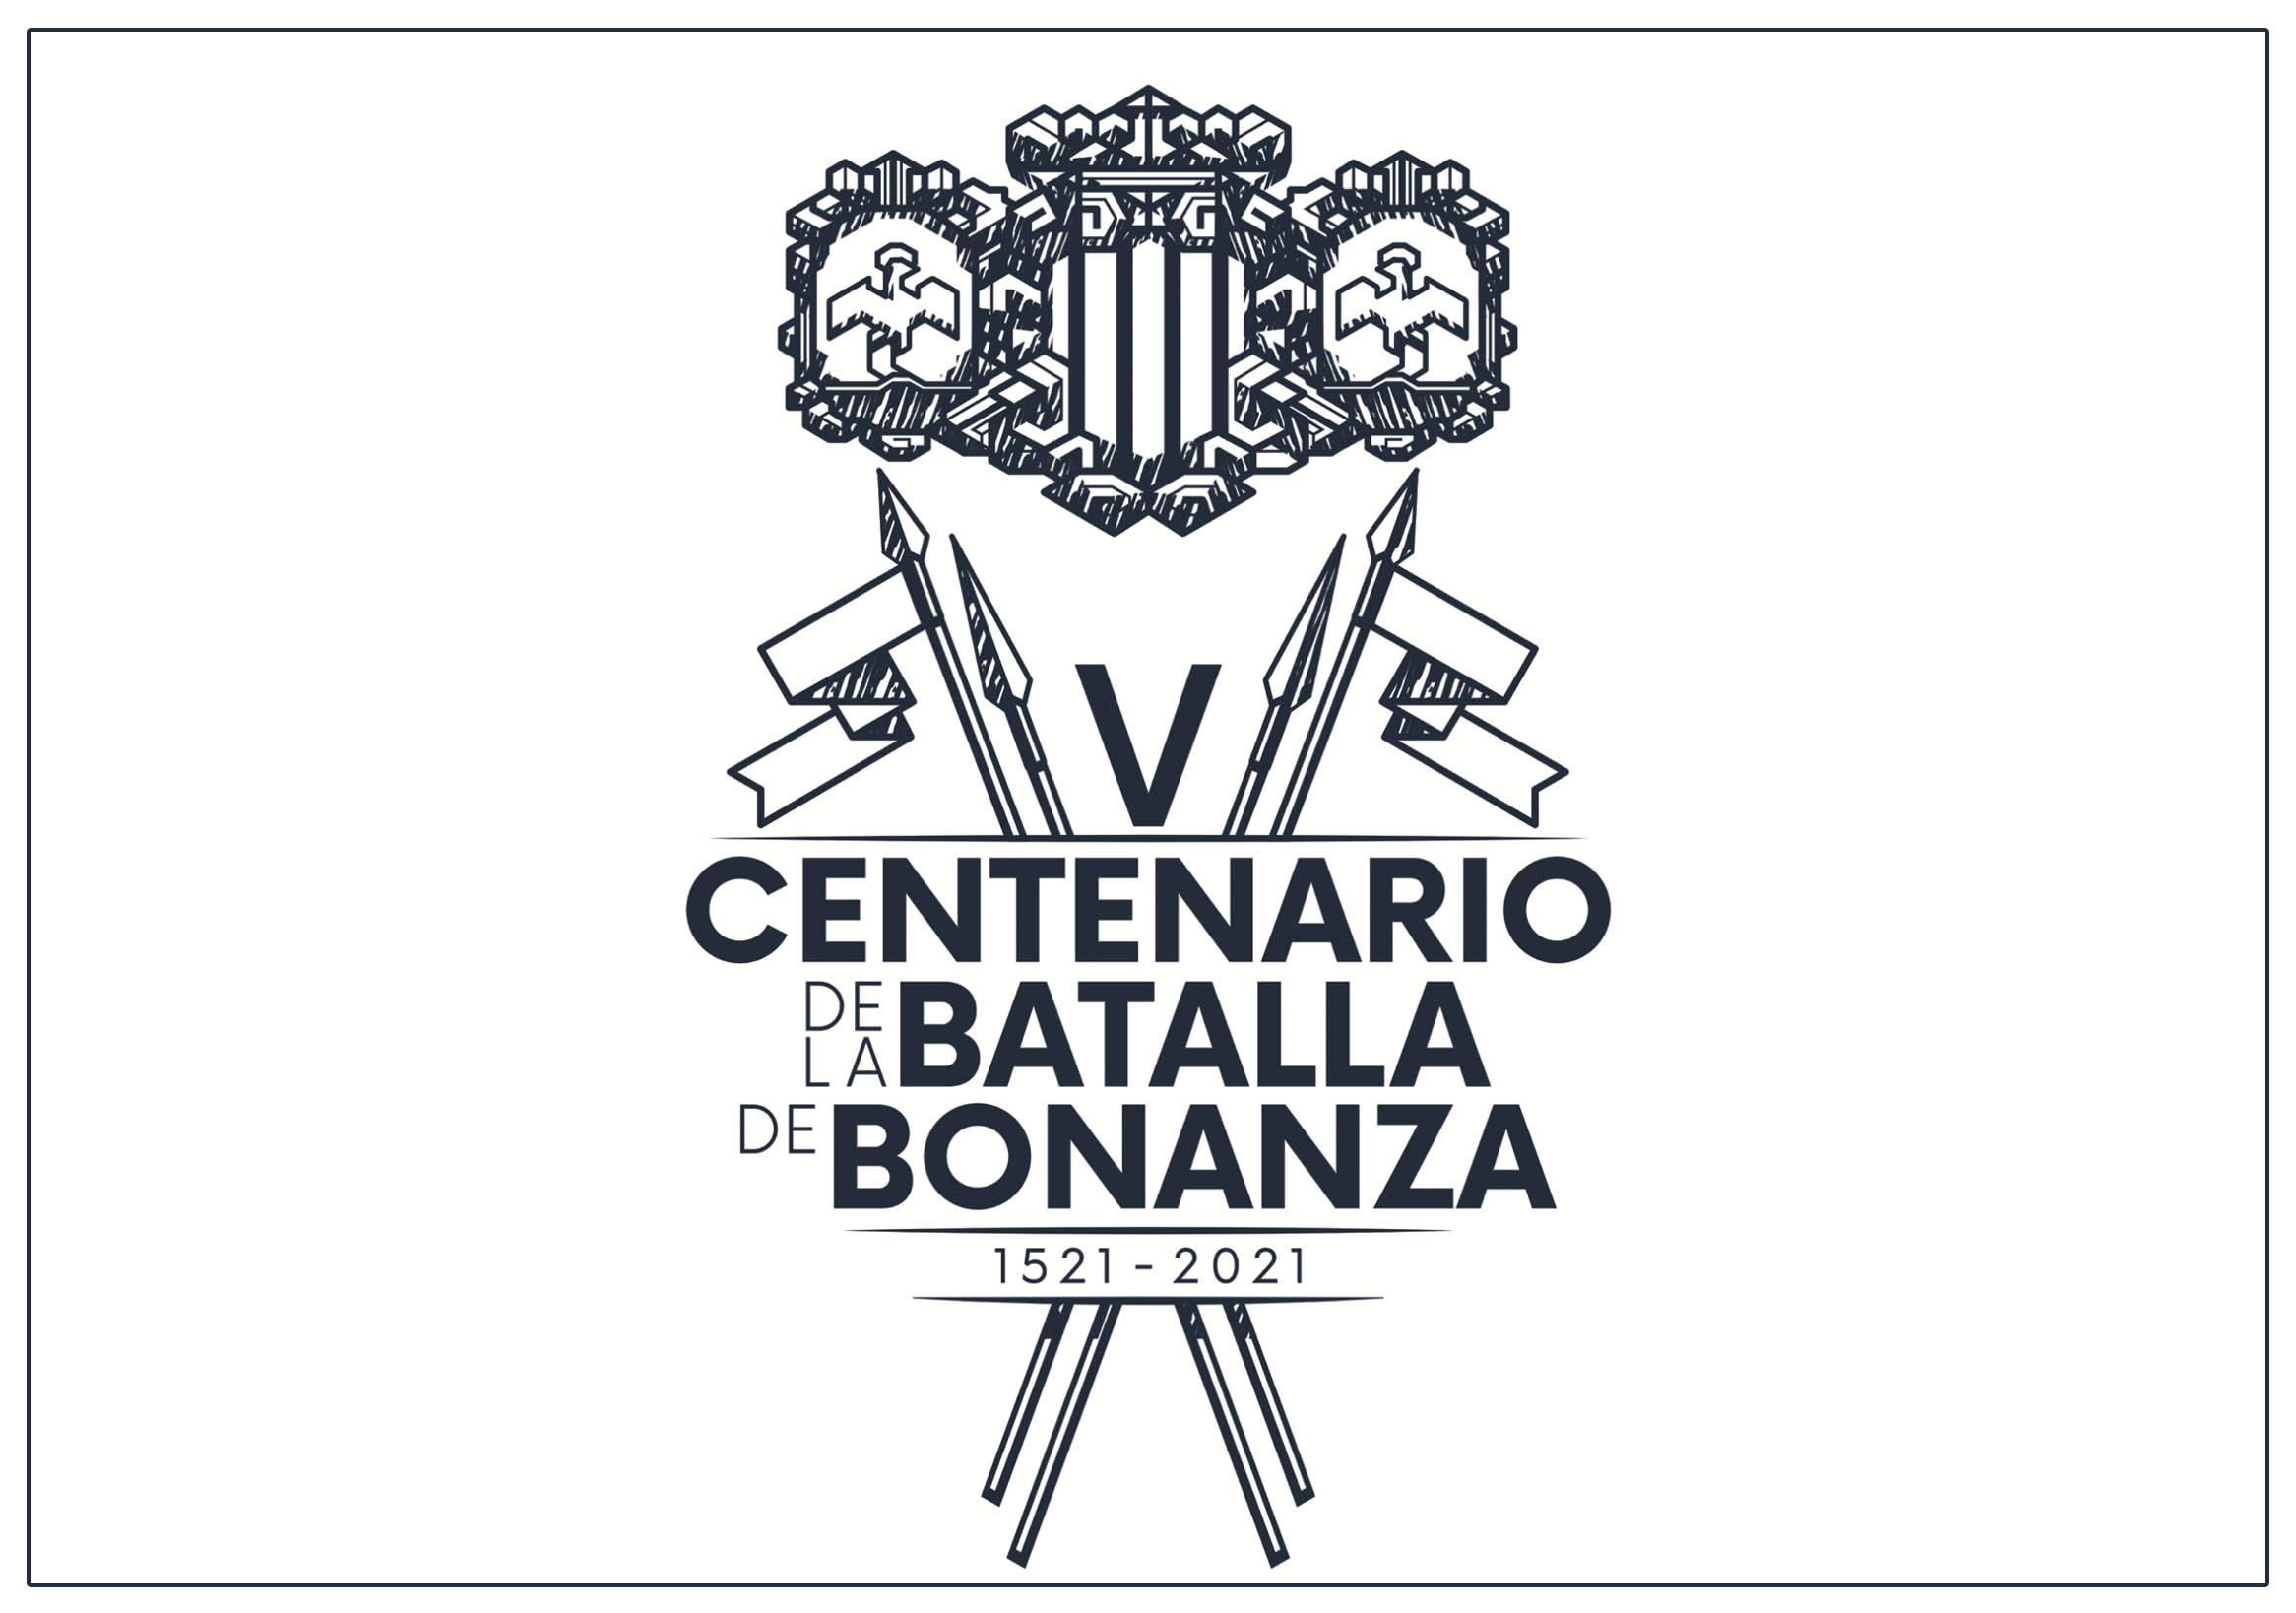 img_centenario_batalla